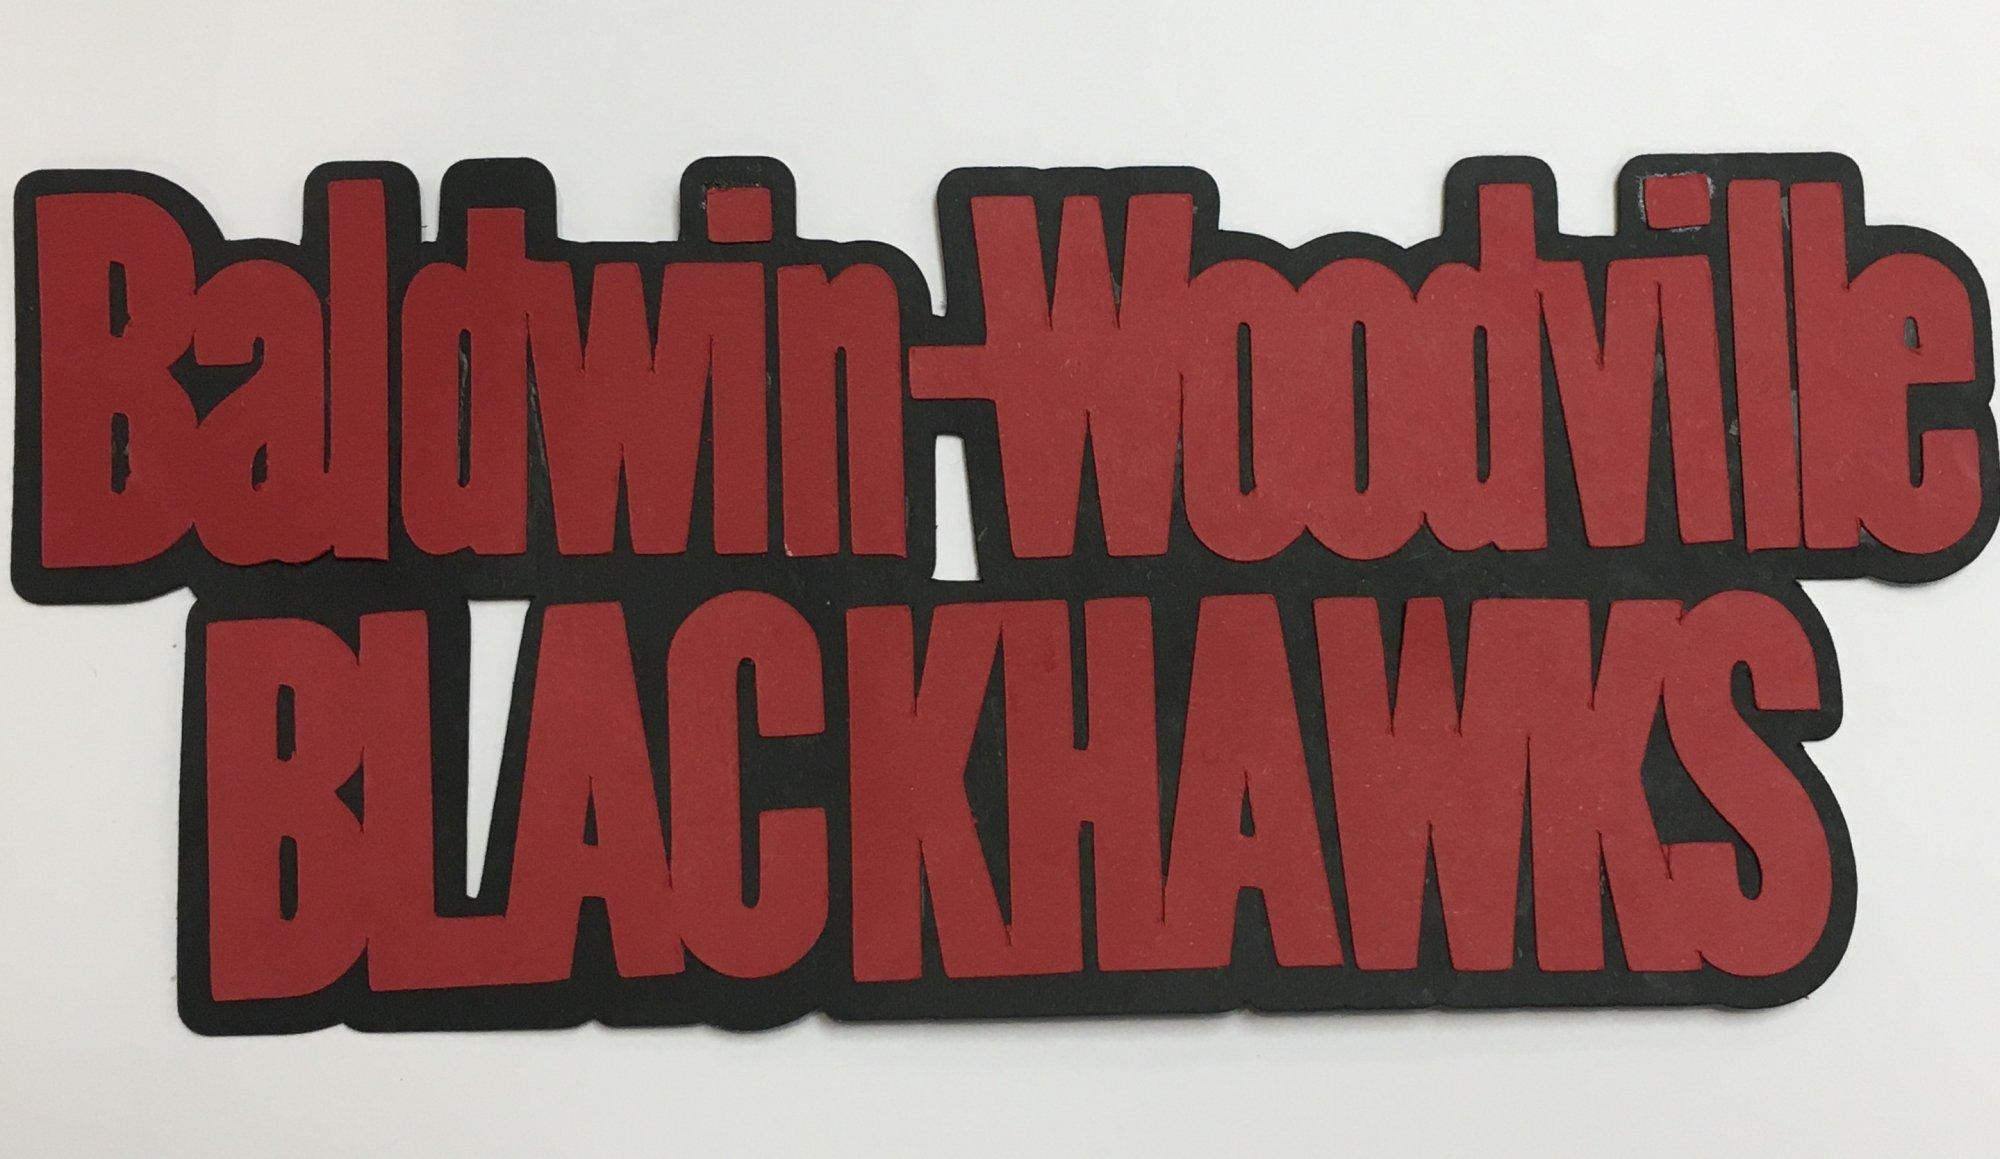 BALDWIN-WOODVILLE BLACKHAWKS die cut